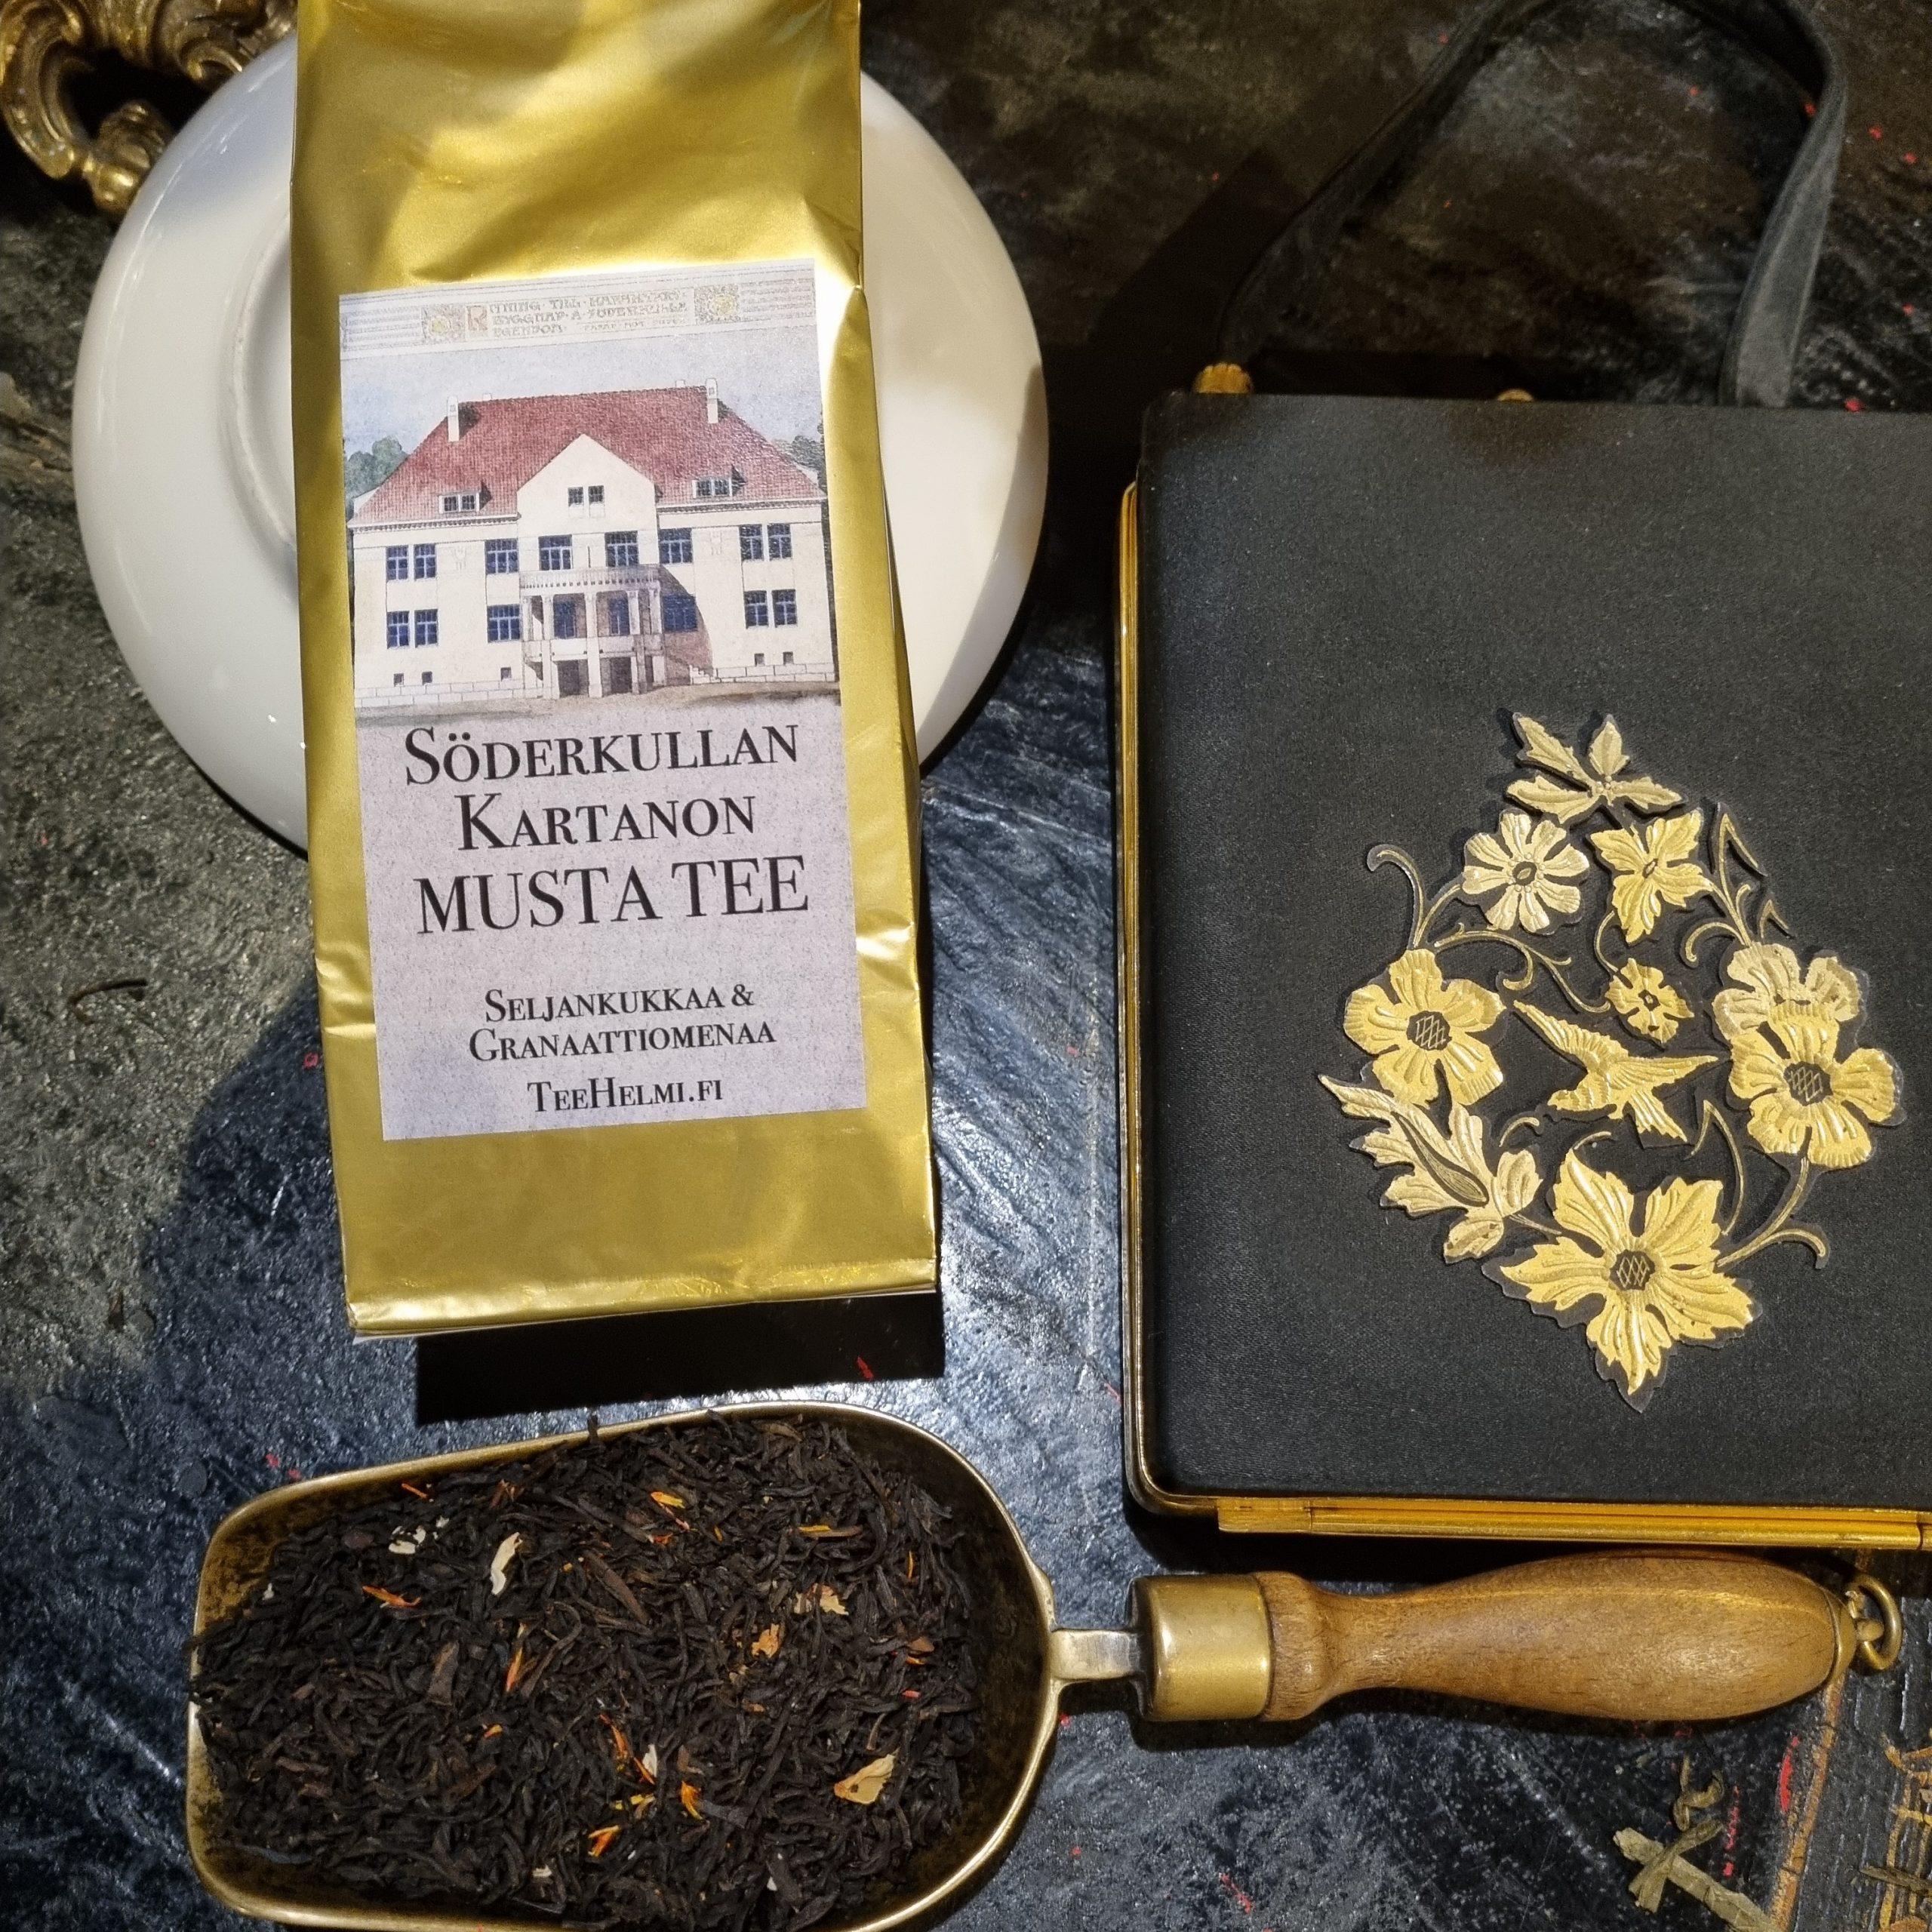 Söderkullan kartanon musta maustettu tee